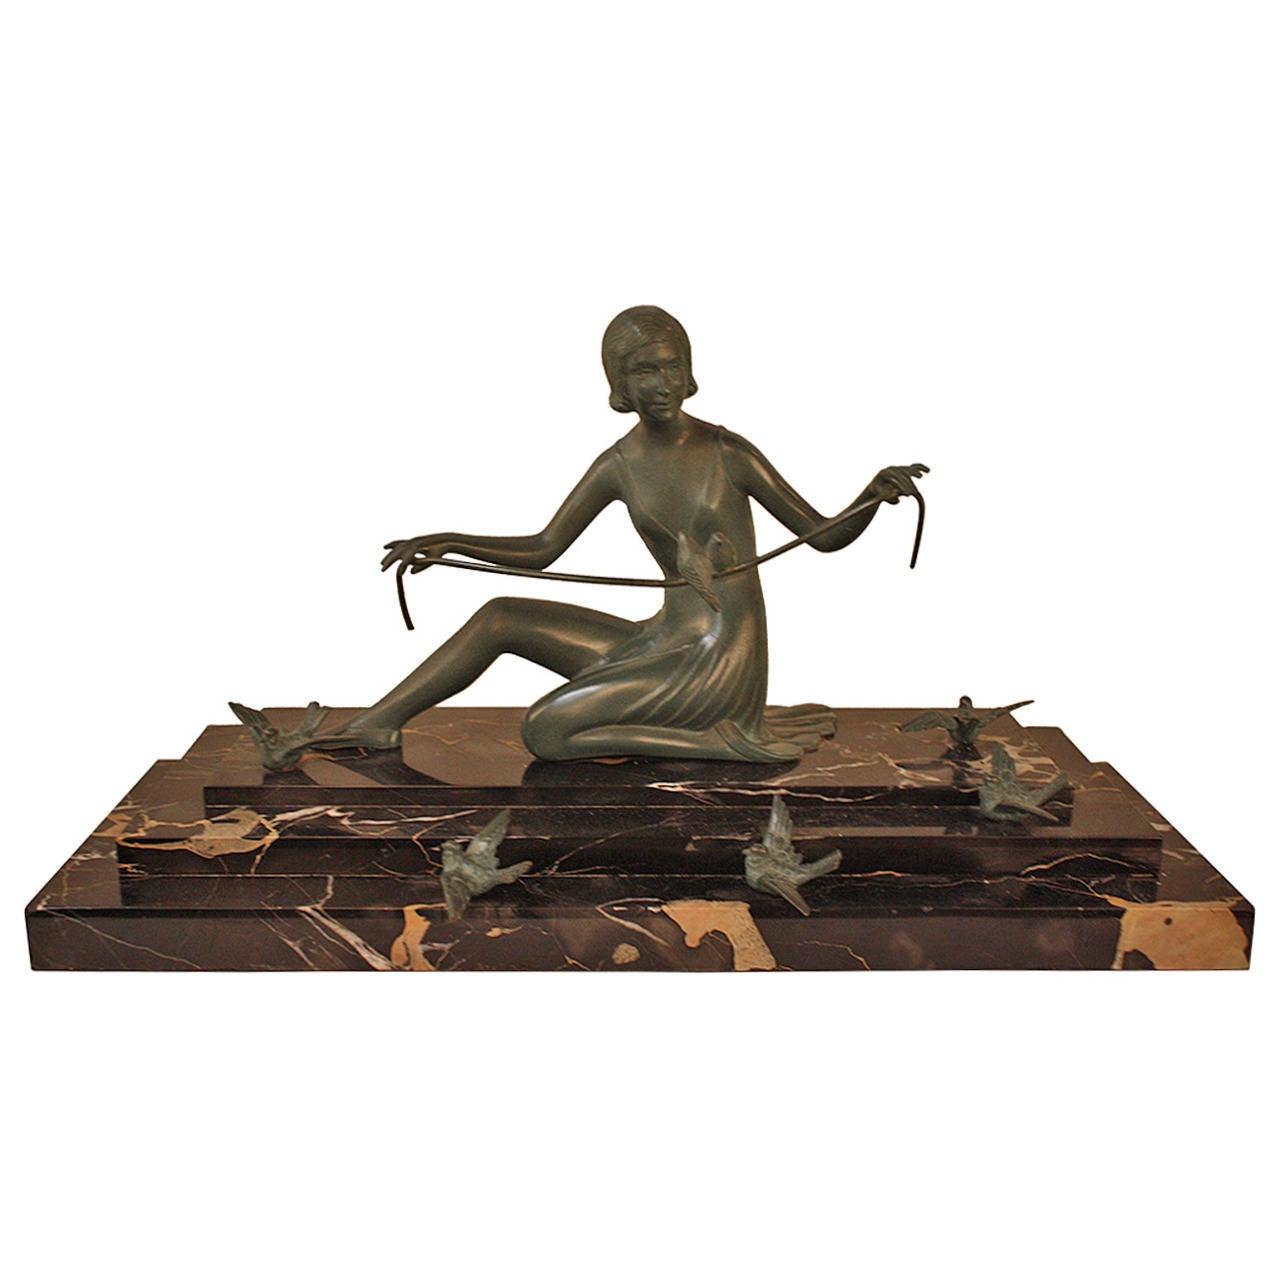 Art Deco Bronze Sculpture by Zoltan Kovats